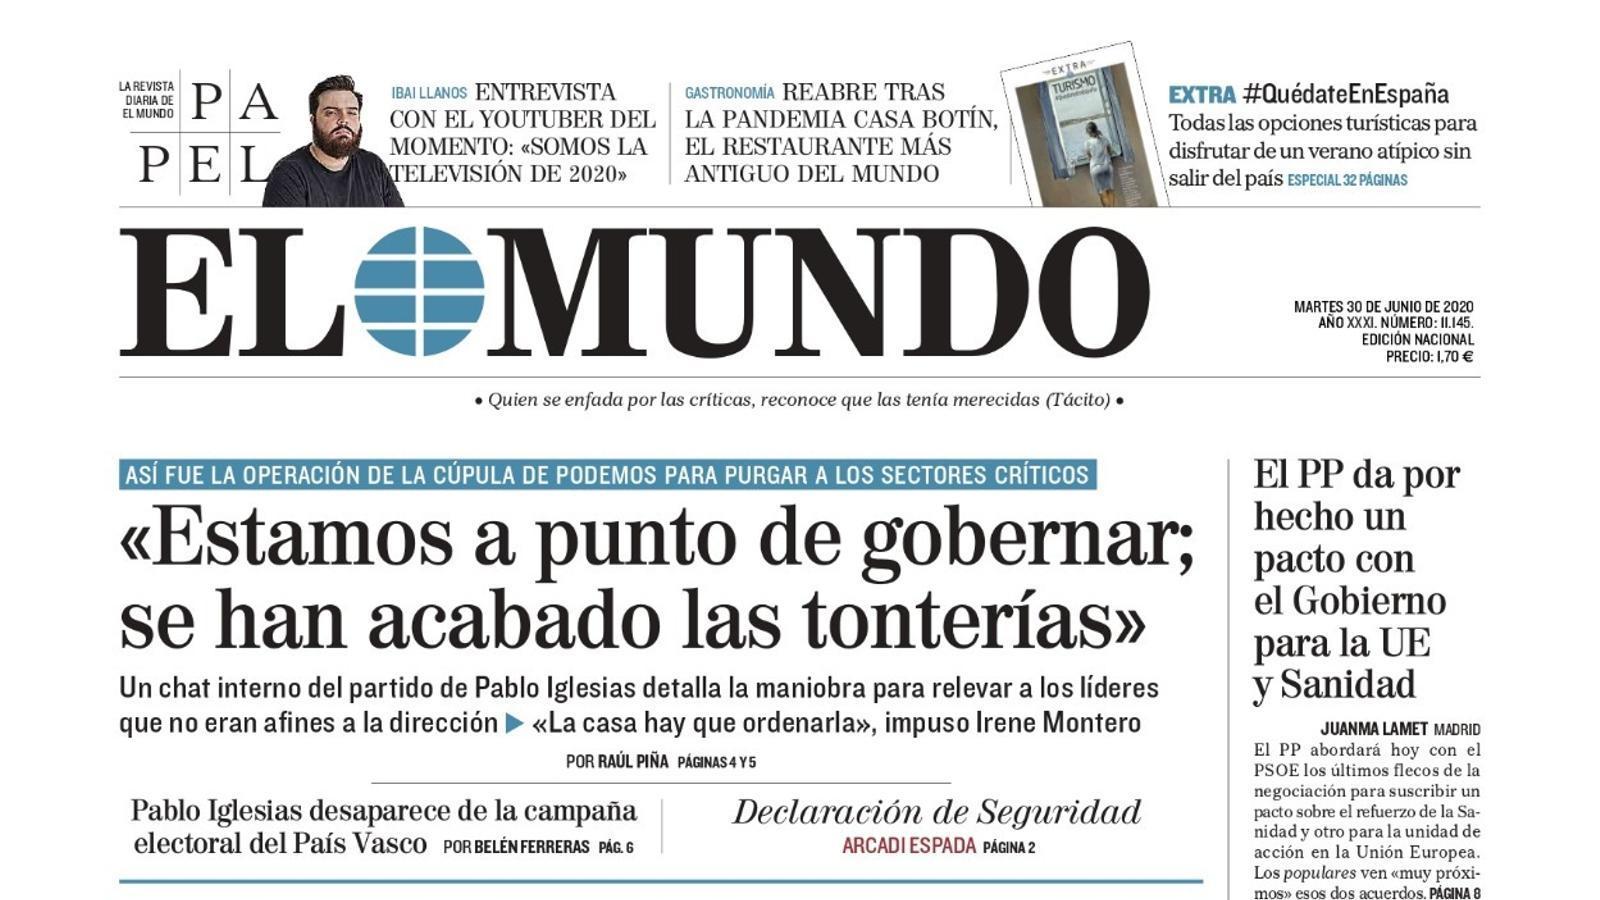 30/6 El Mundo